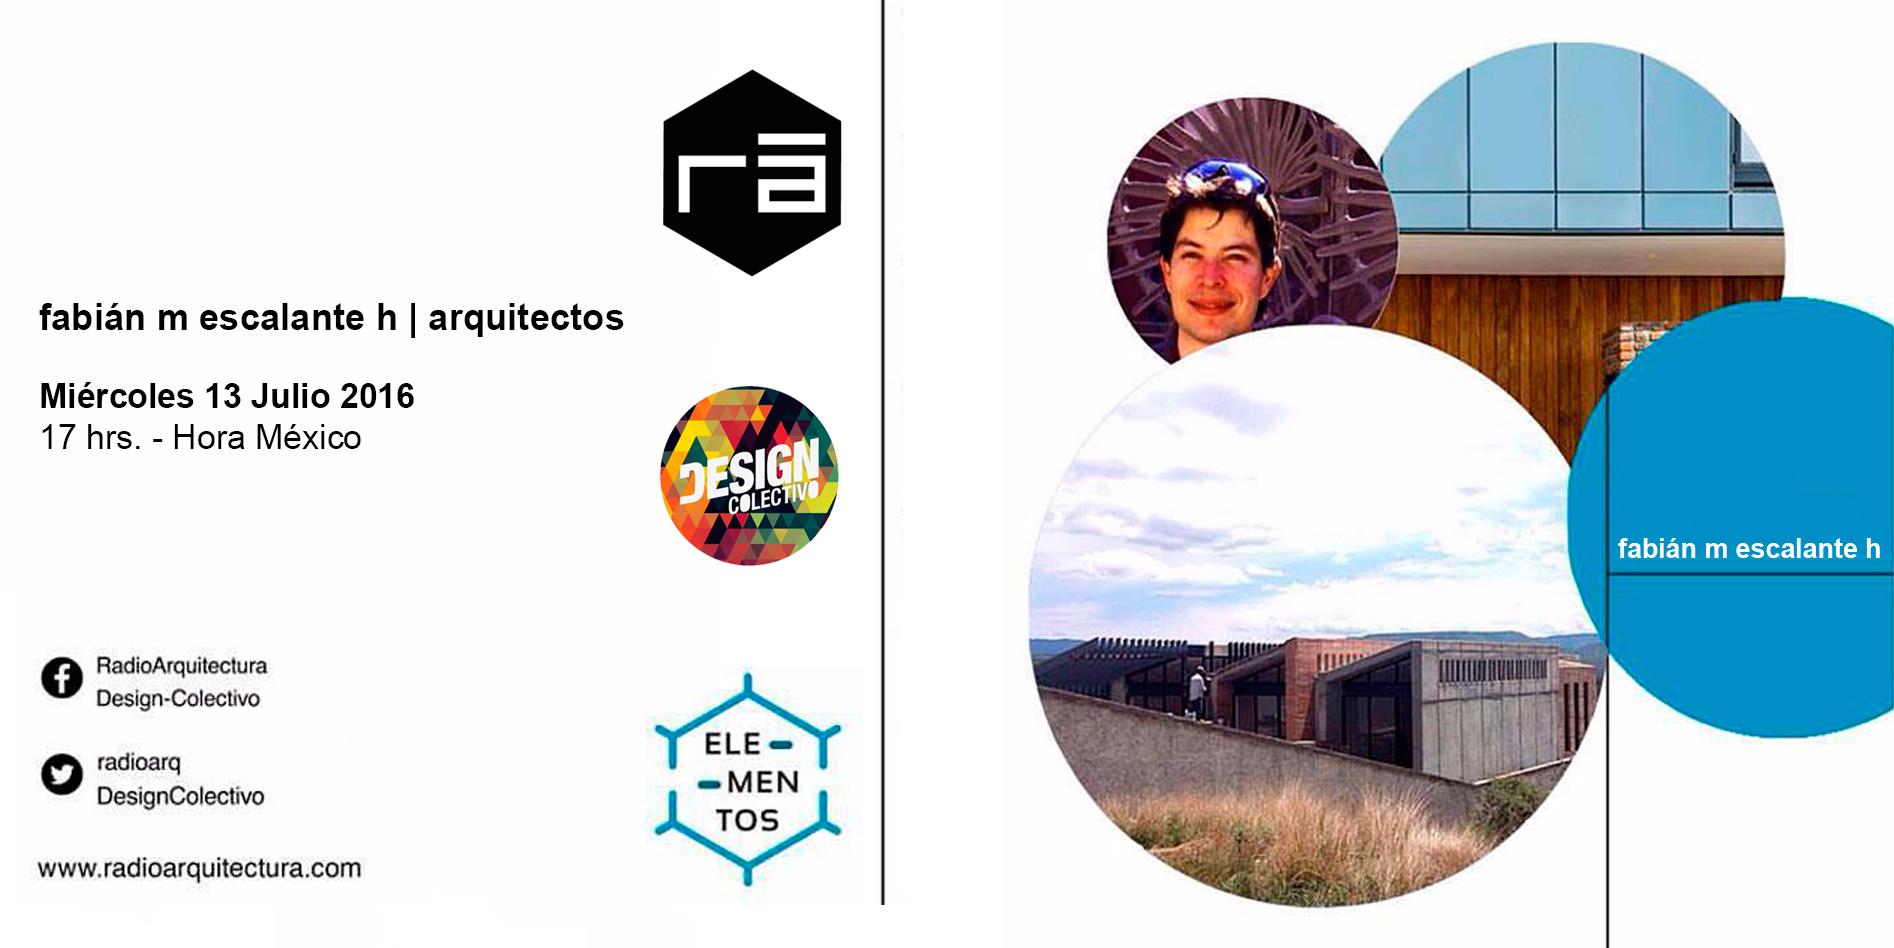 E arquitectos -Plática en el programa ELEMENTOS de RadioArquitectura